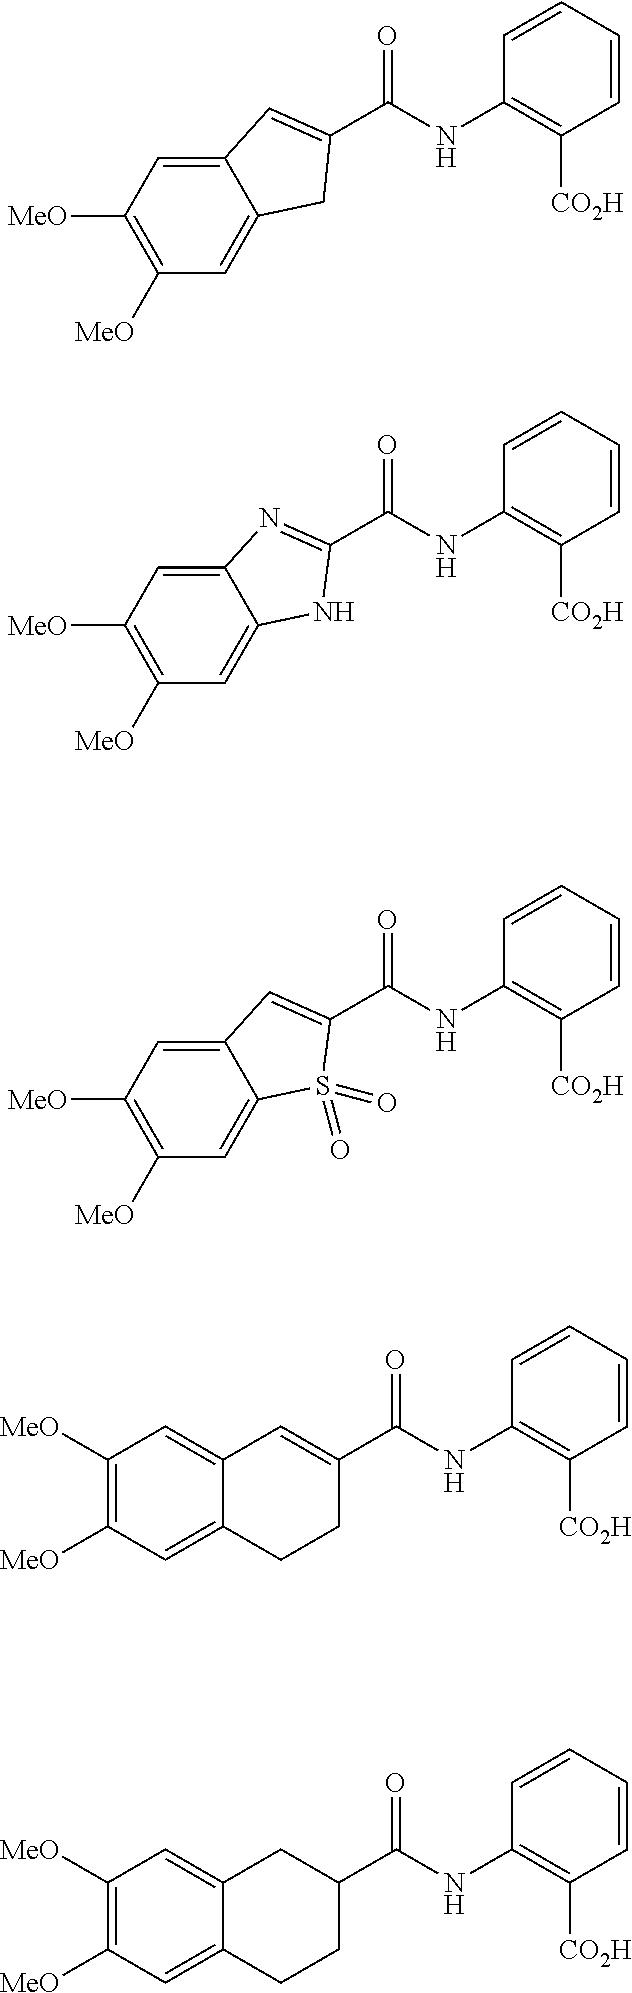 Figure US09951087-20180424-C00007